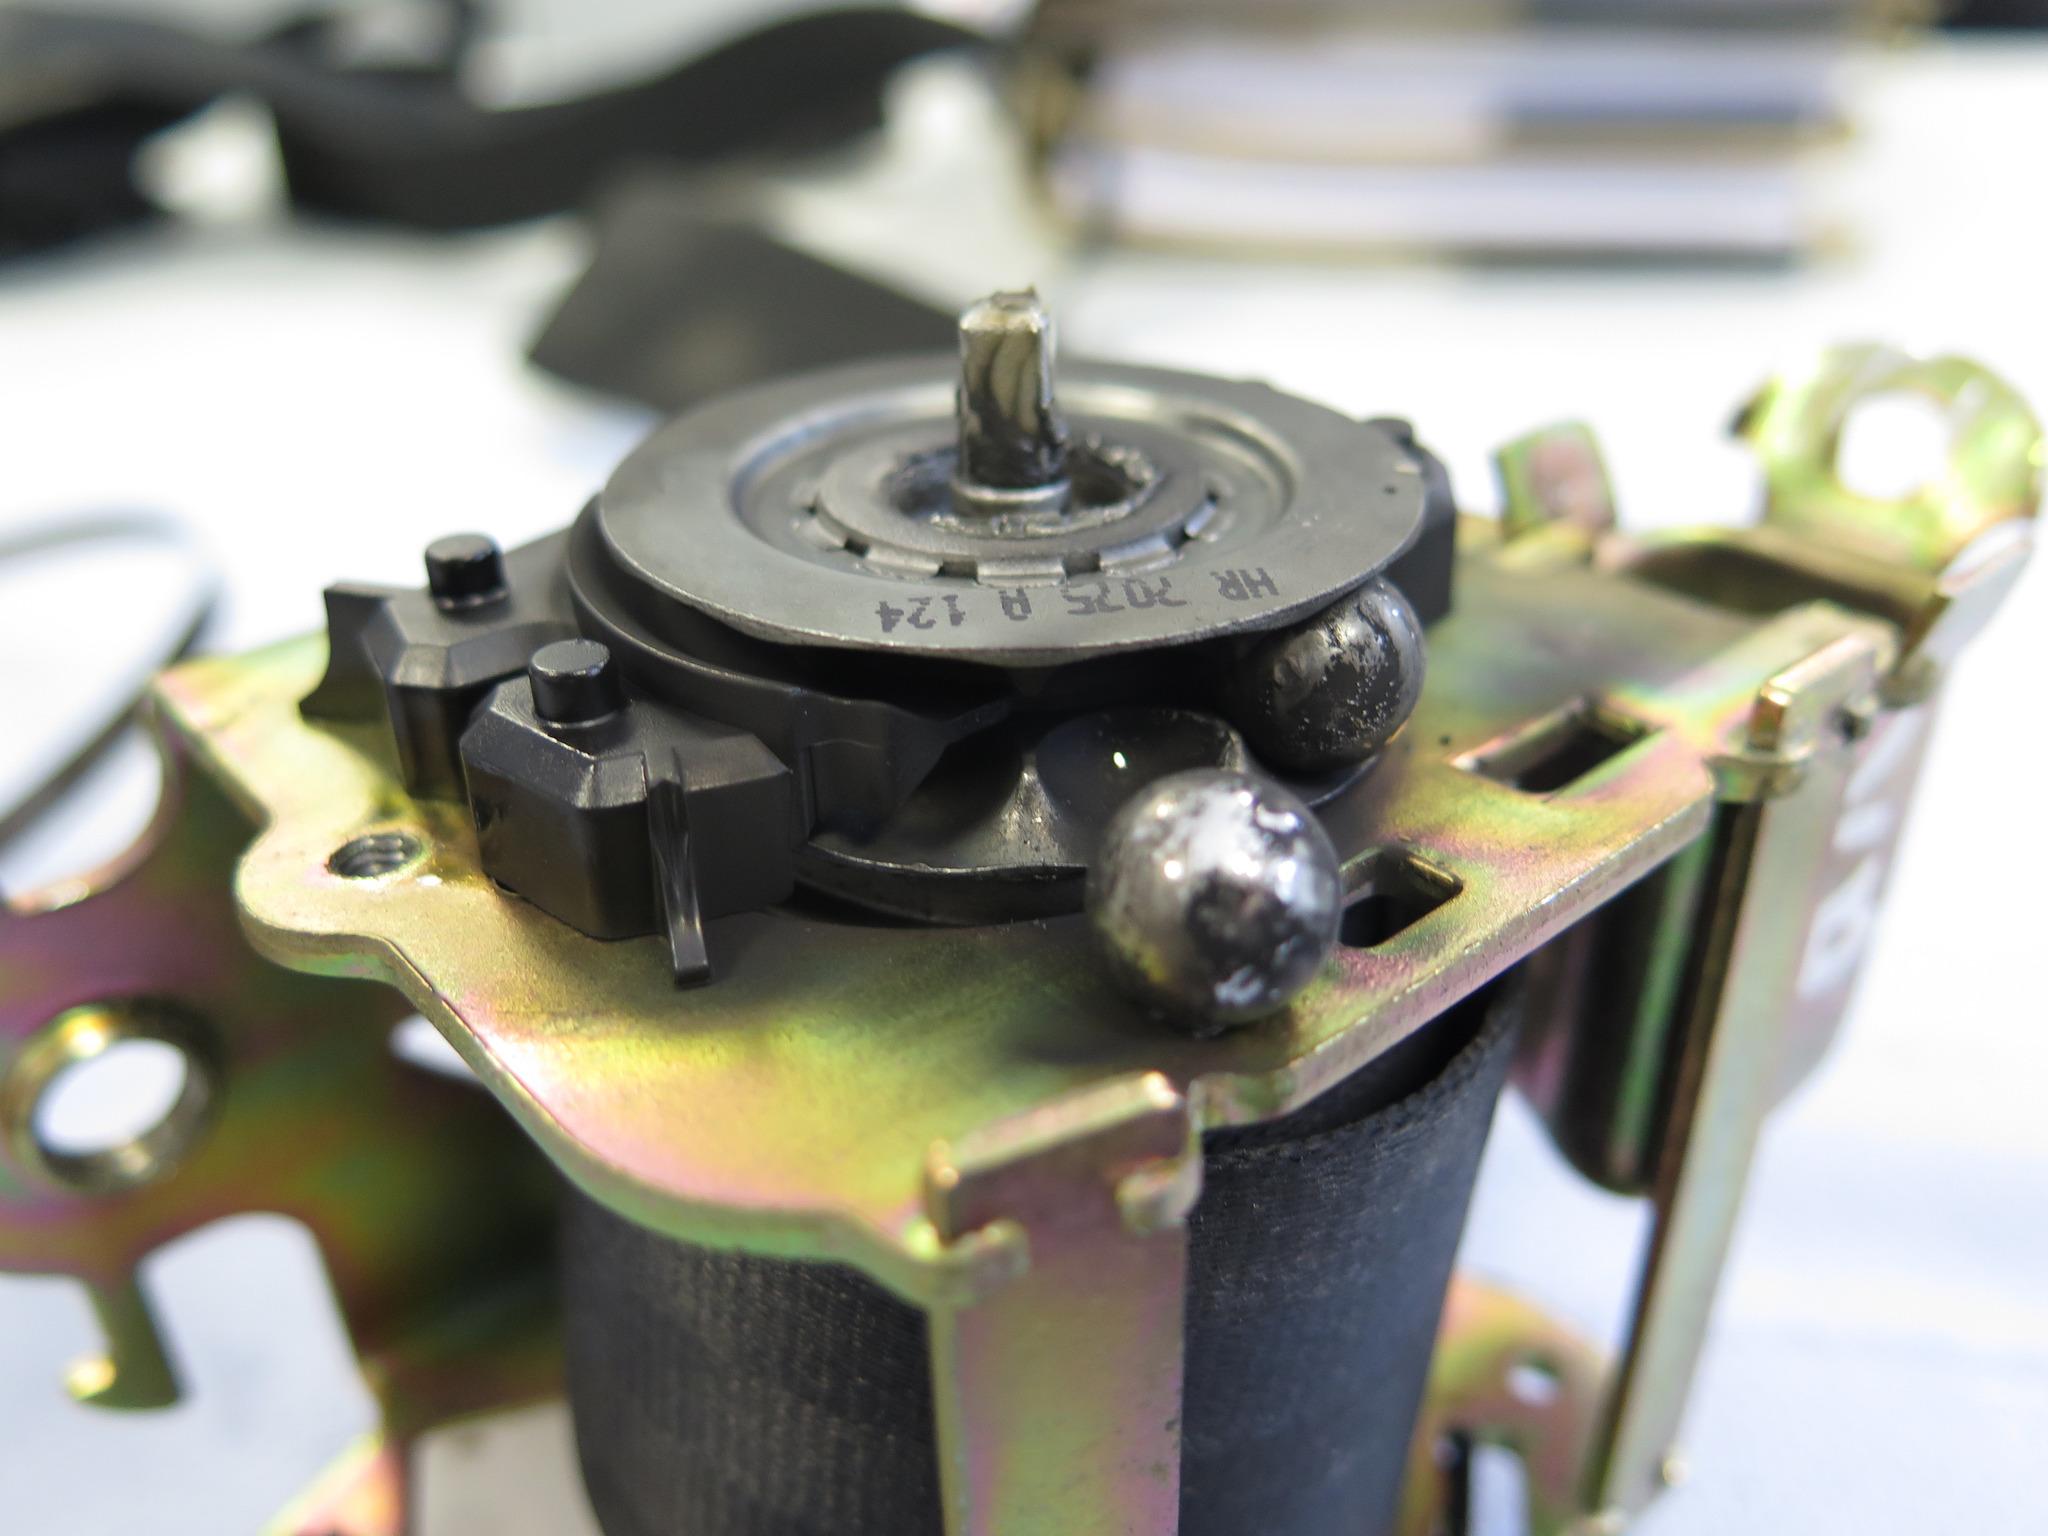 Zerlegen eines Gurtstraffersystems zur Überprüfung der Funktionsweise